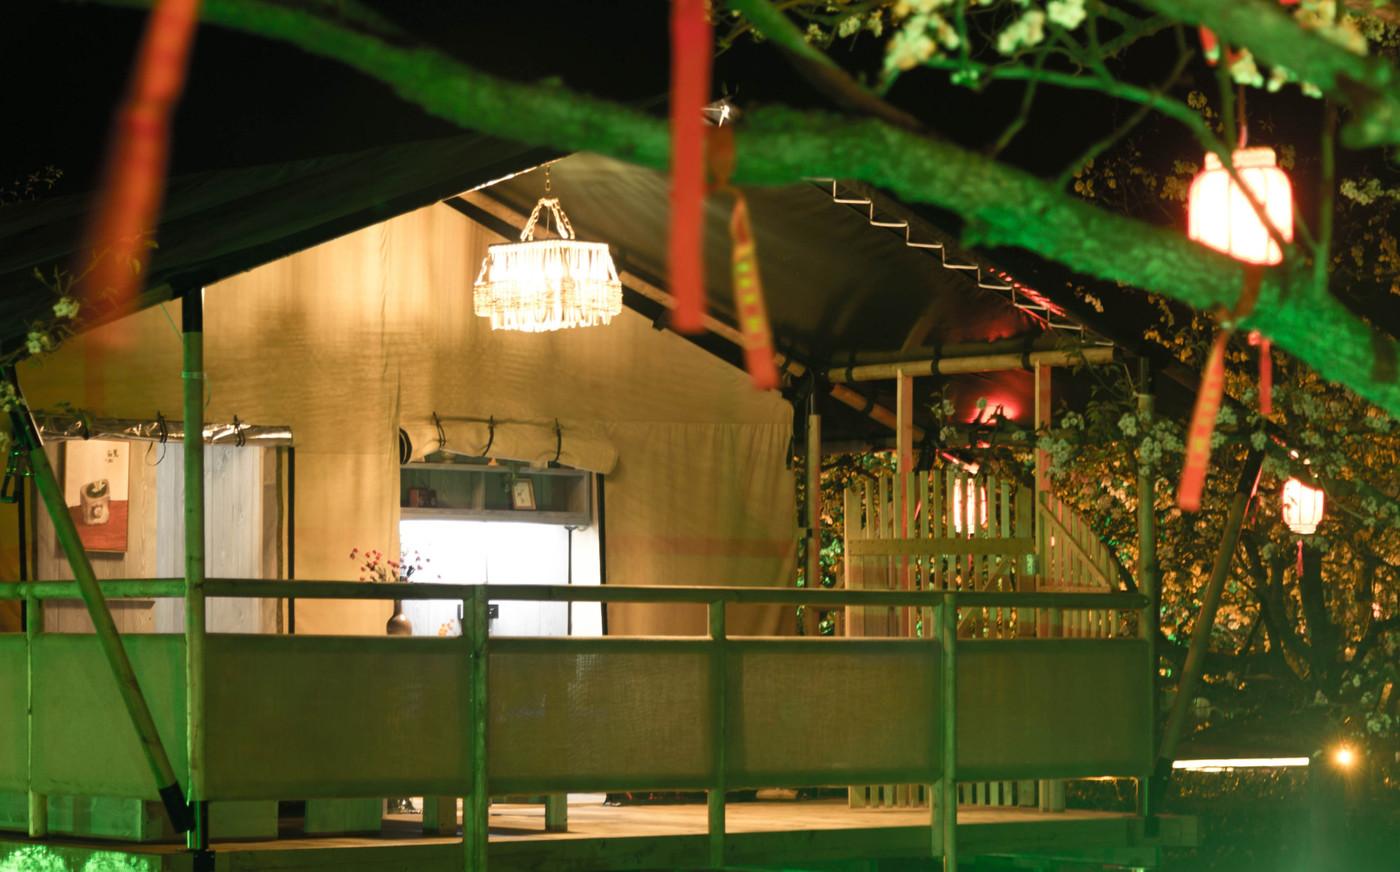 喜马拉雅野奢帐篷酒店—安徽砀山东篱蓬芦(梨园62平)11